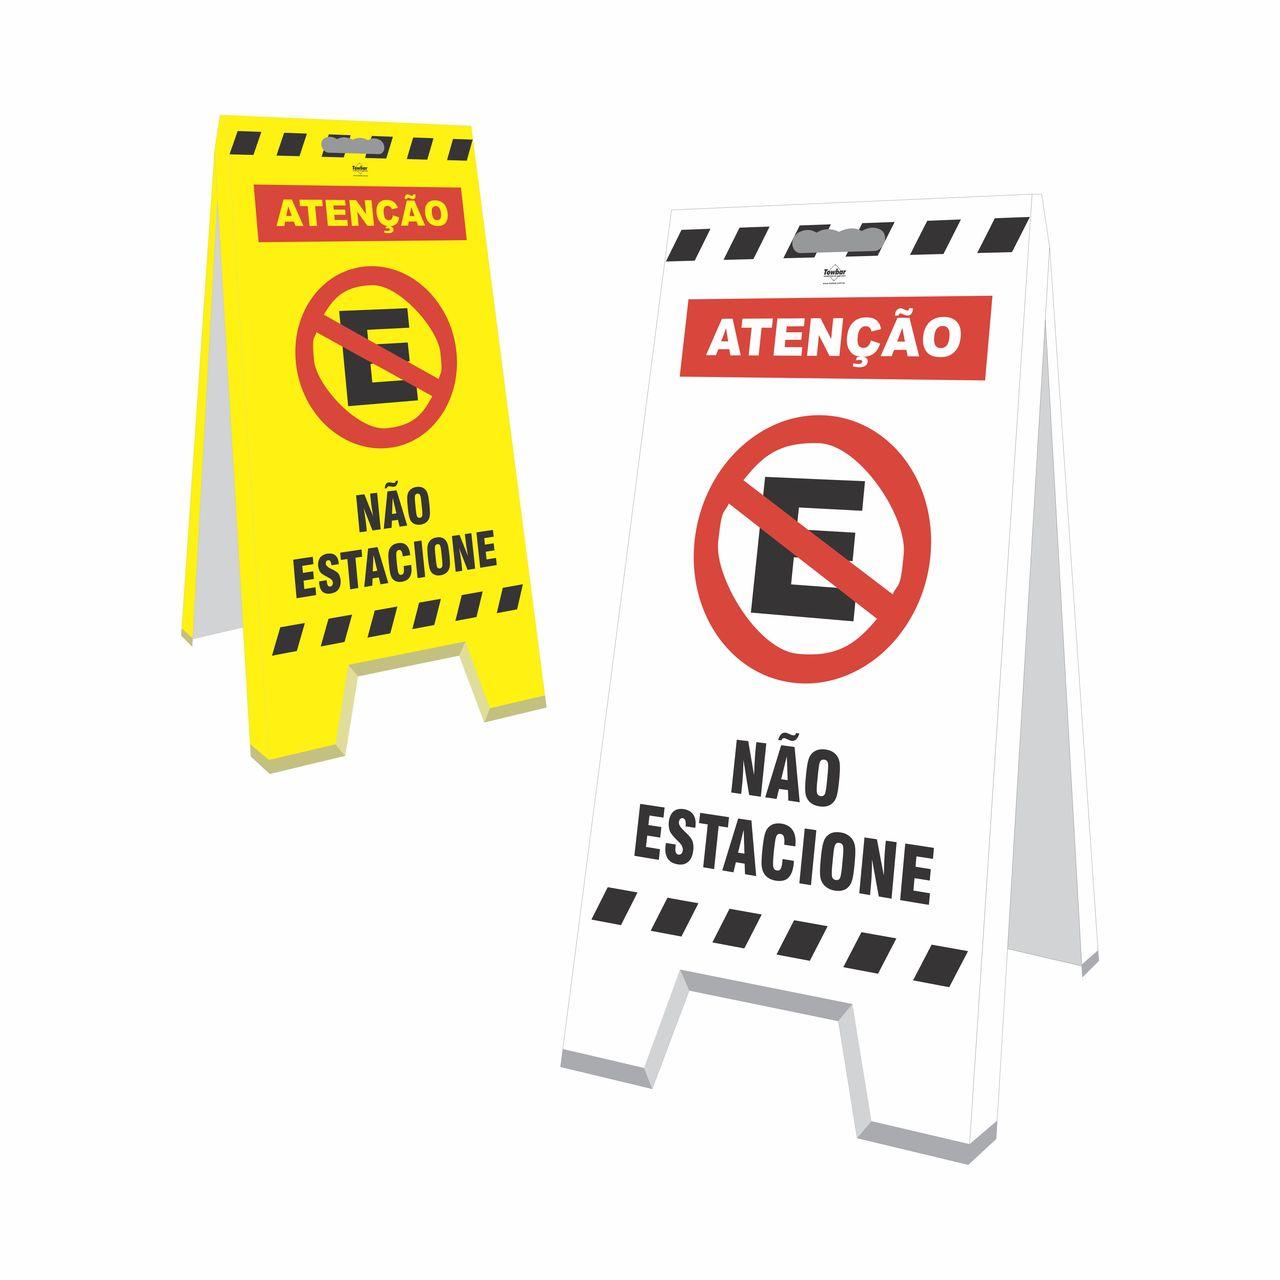 Cavalete - Não estacione  - Towbar Sinalização de Segurança